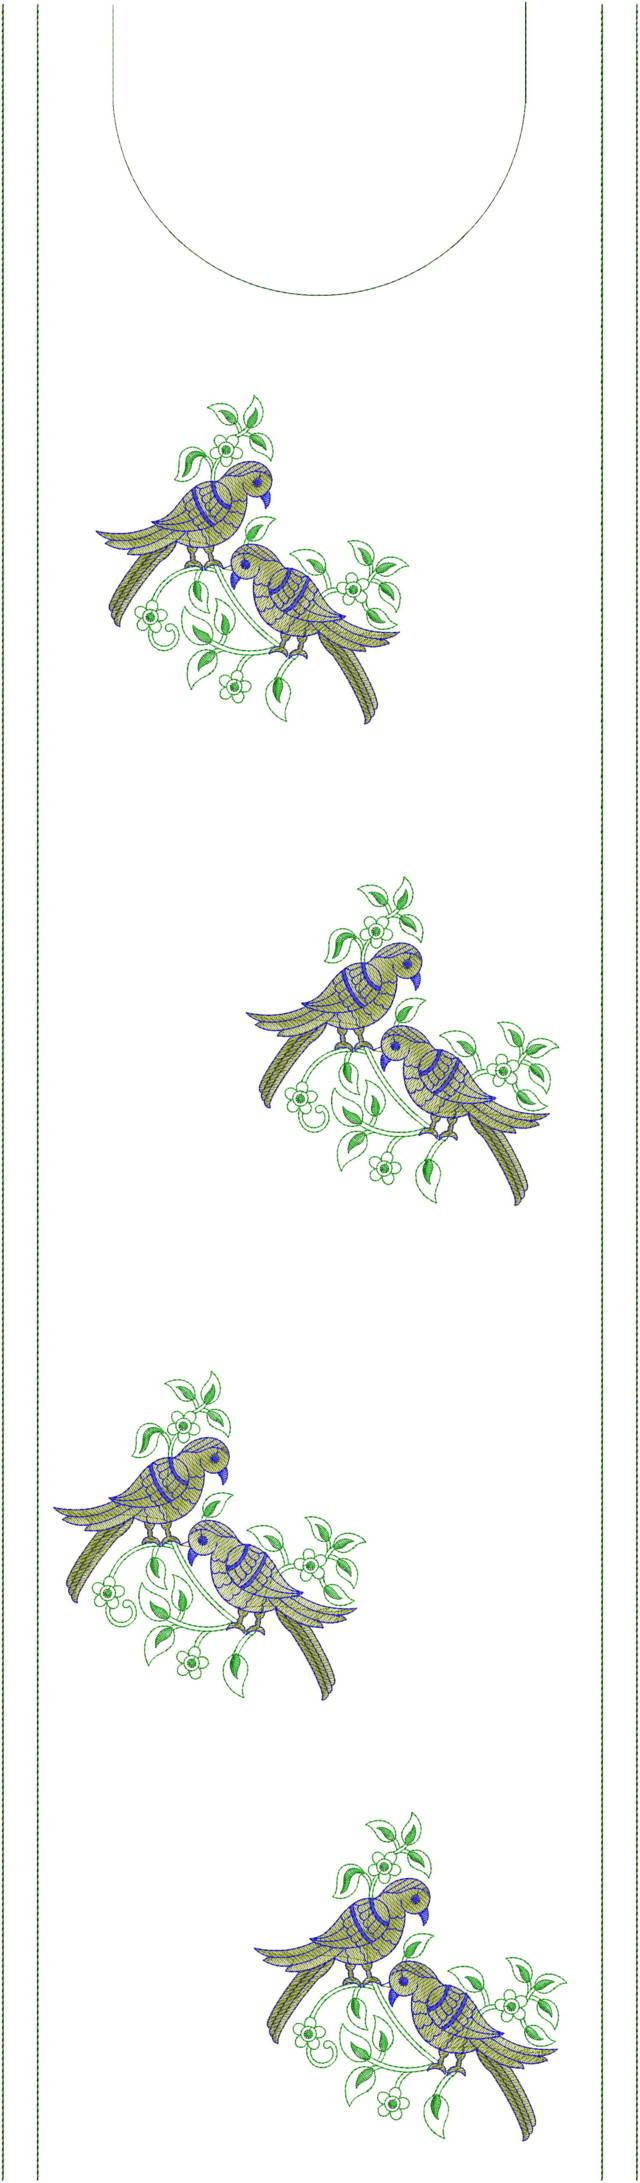 Sparrow figure  concept kurti embroidery design